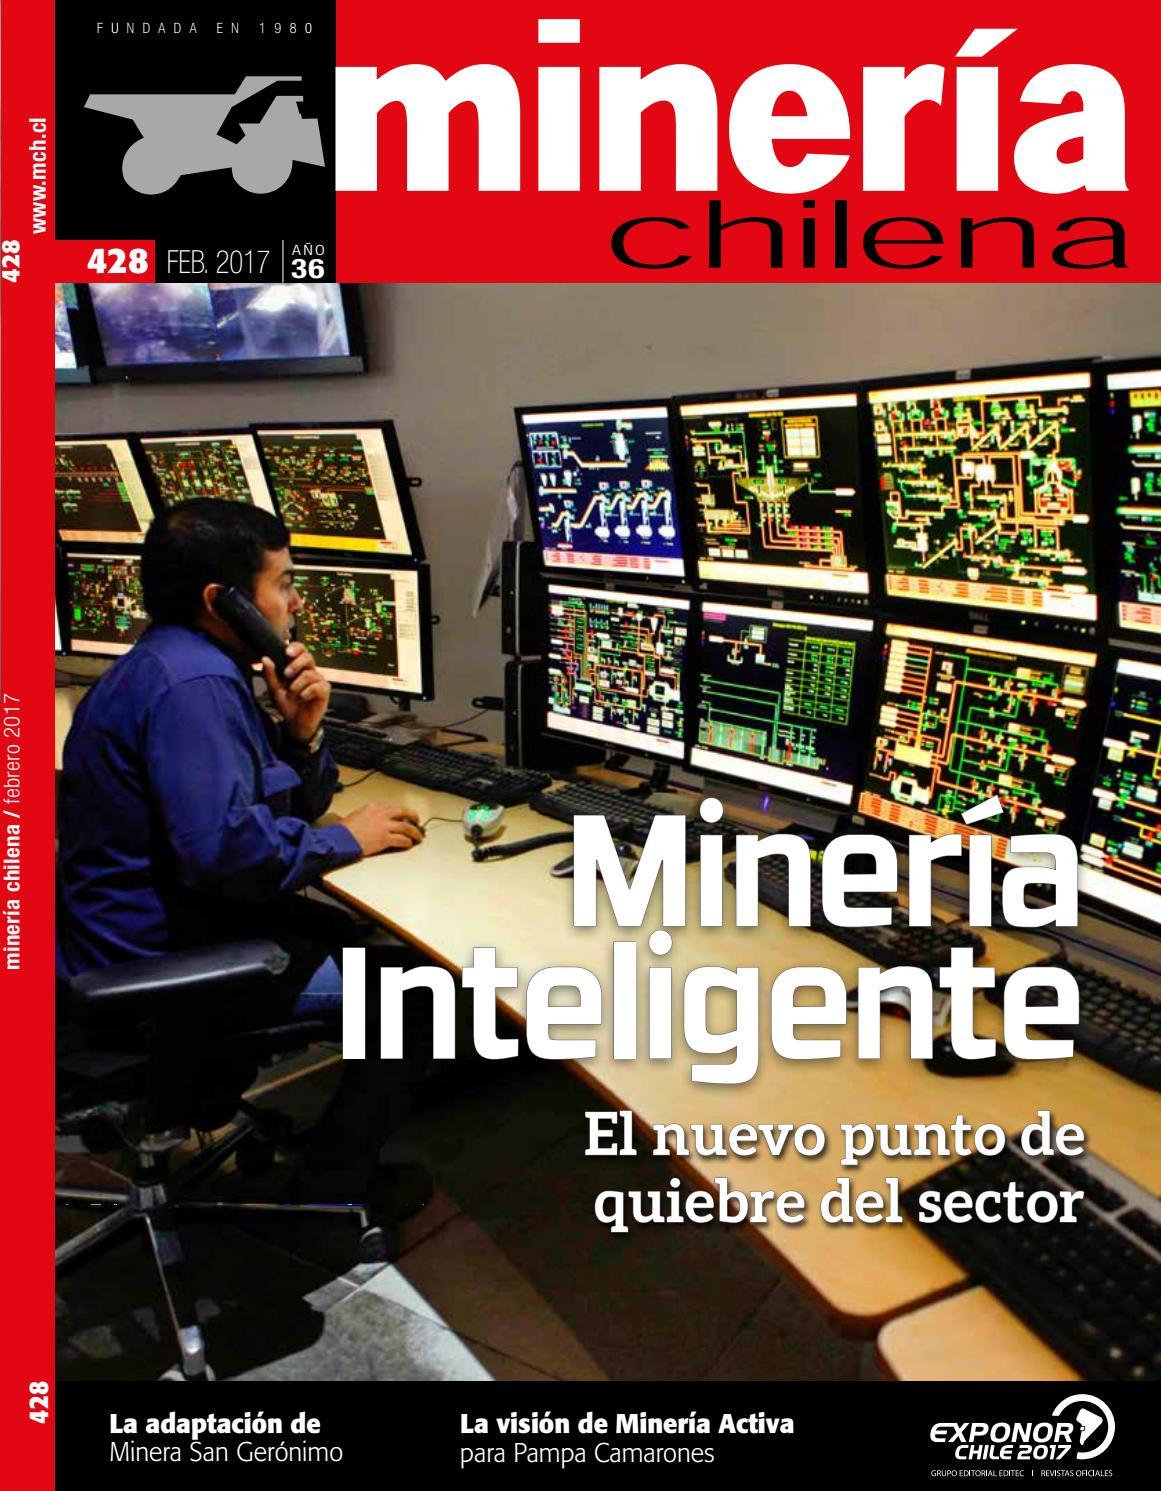 Revista MINERÍA CHILENA 428 / Febrero 2017 by Editec - issuu